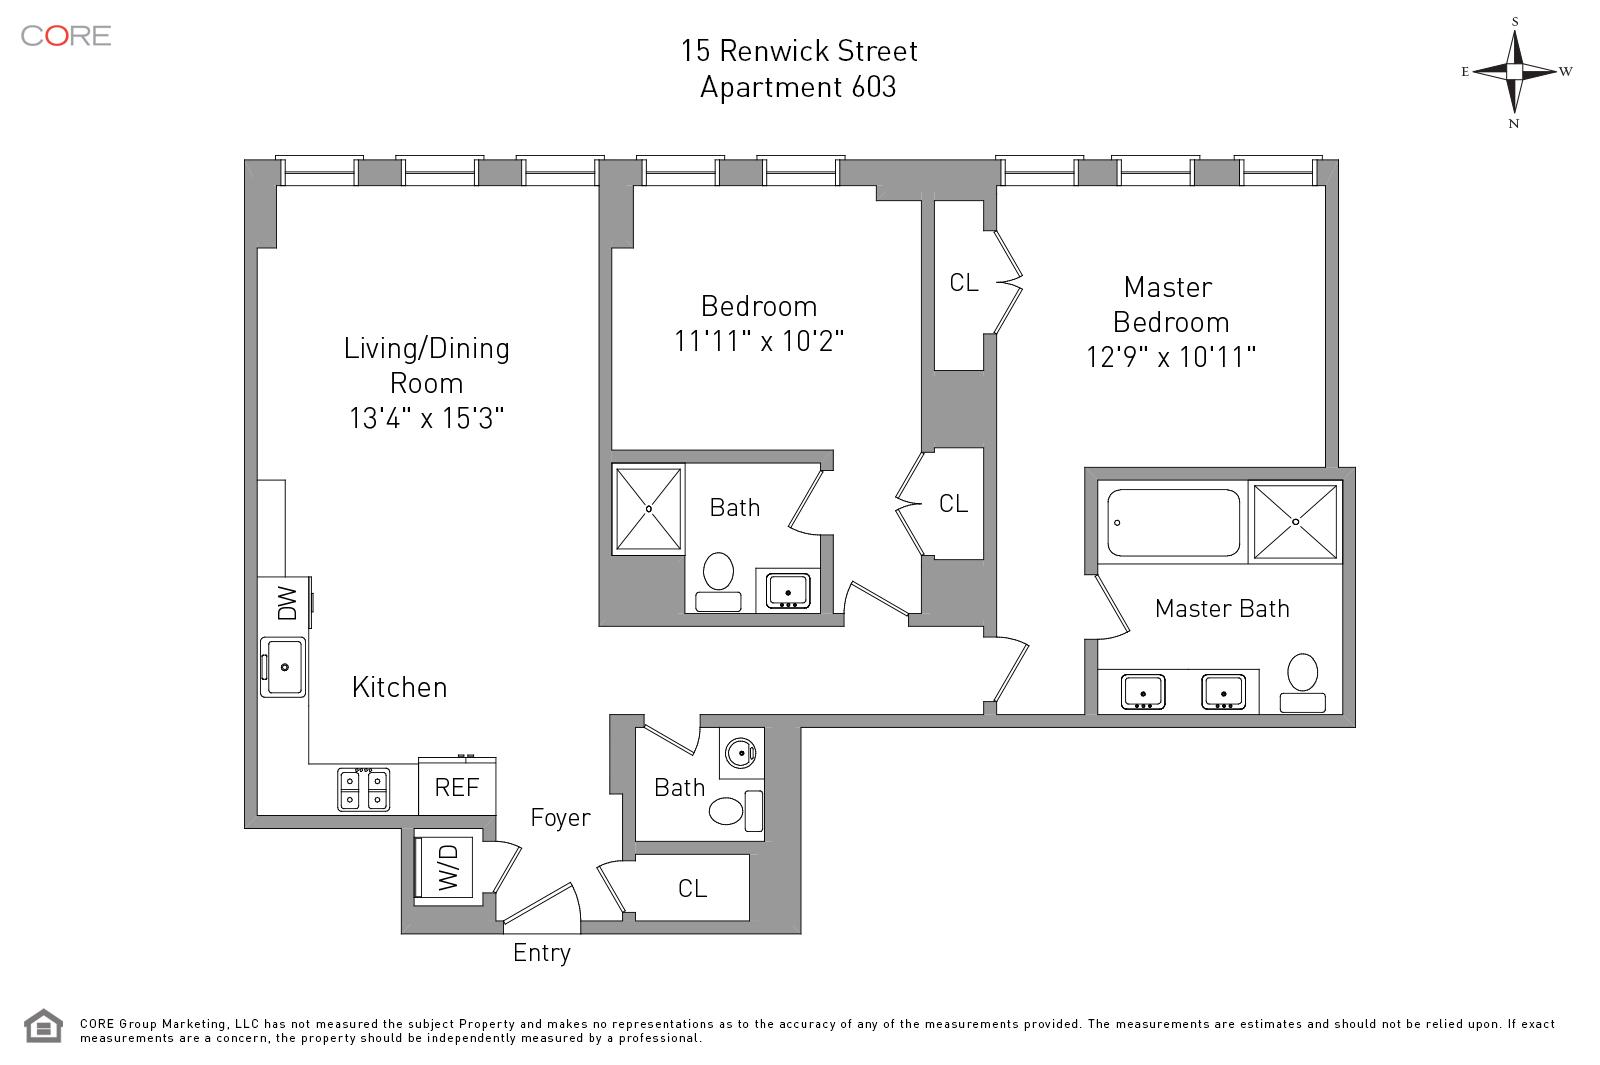 15 Renwick St. 603, New York, NY 10013